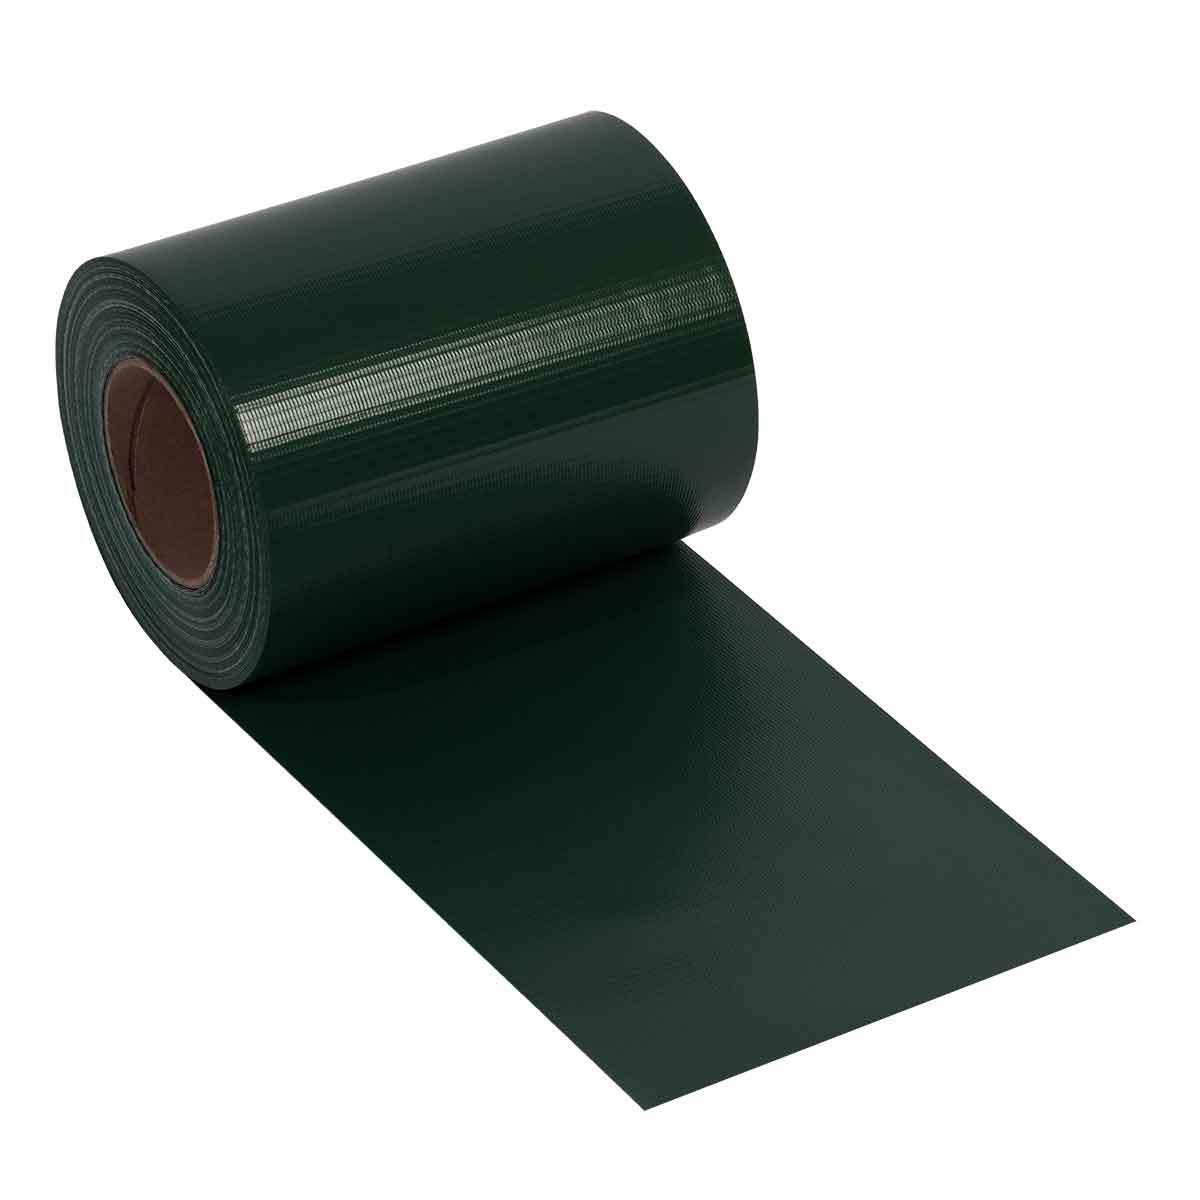 Sichtschutz / Zaunblende PVC Noor 0,19x35m grün Bild 1